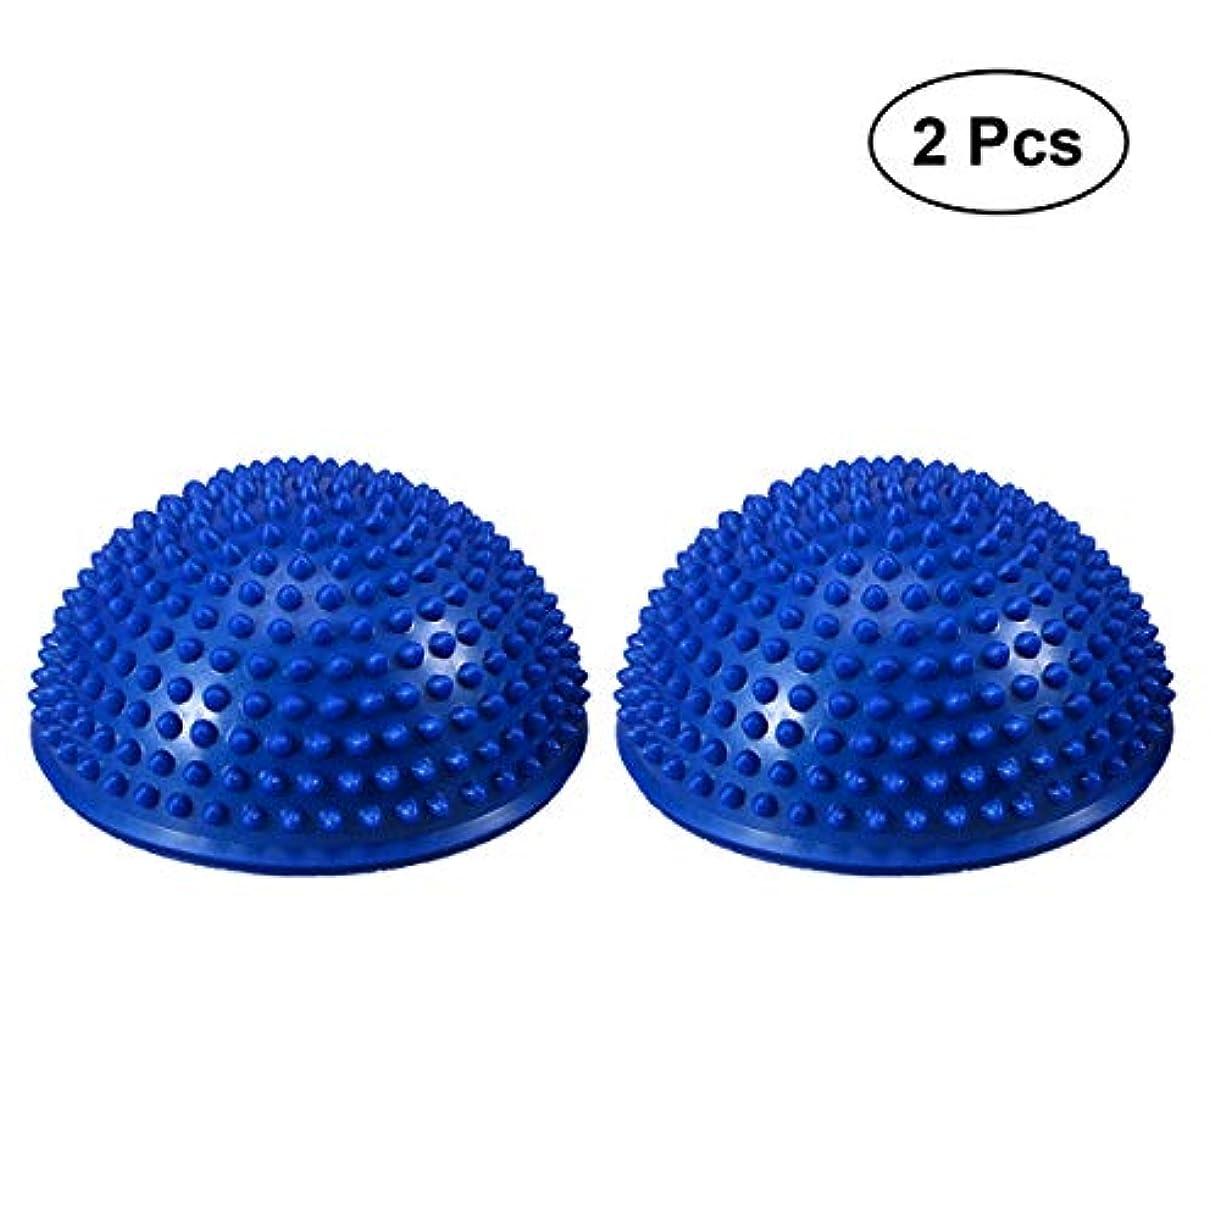 遮る哀ジャベスウィルソンVORCOOL 膨張した安定性揺動クッションバランスディスク安定性コアトレーニングのための可動性バランストレーナー物理的リハビリテーションヨガエクササイズ(ブルー)